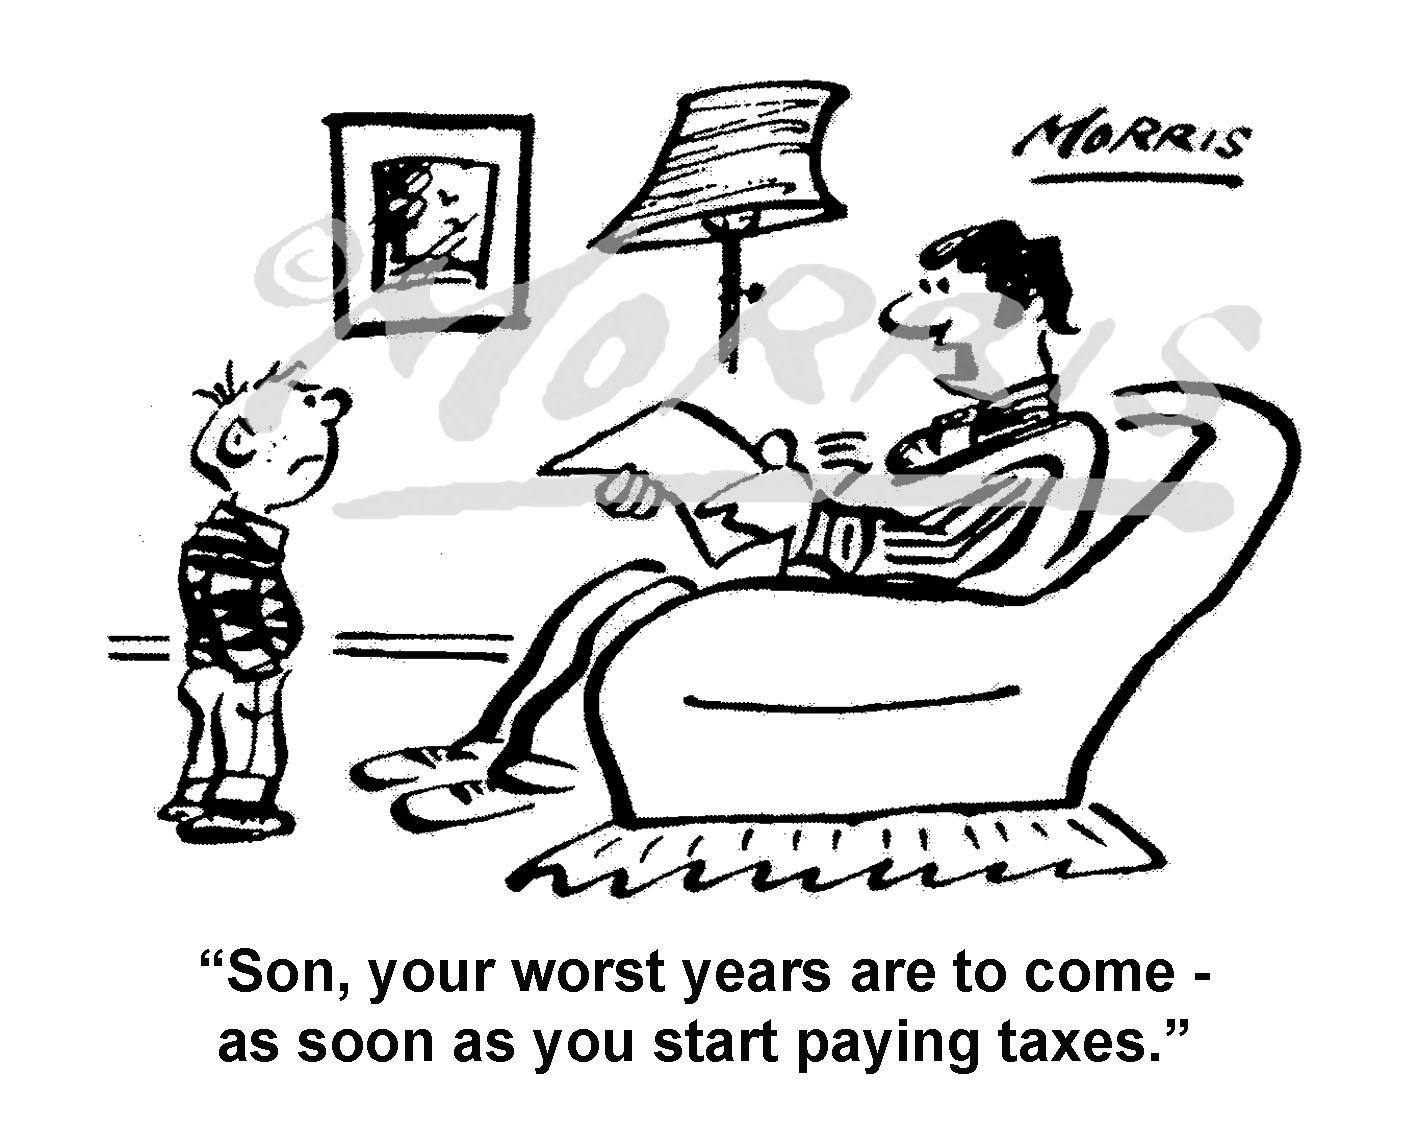 Personal finance tax cartoon – Ref: 7492bw